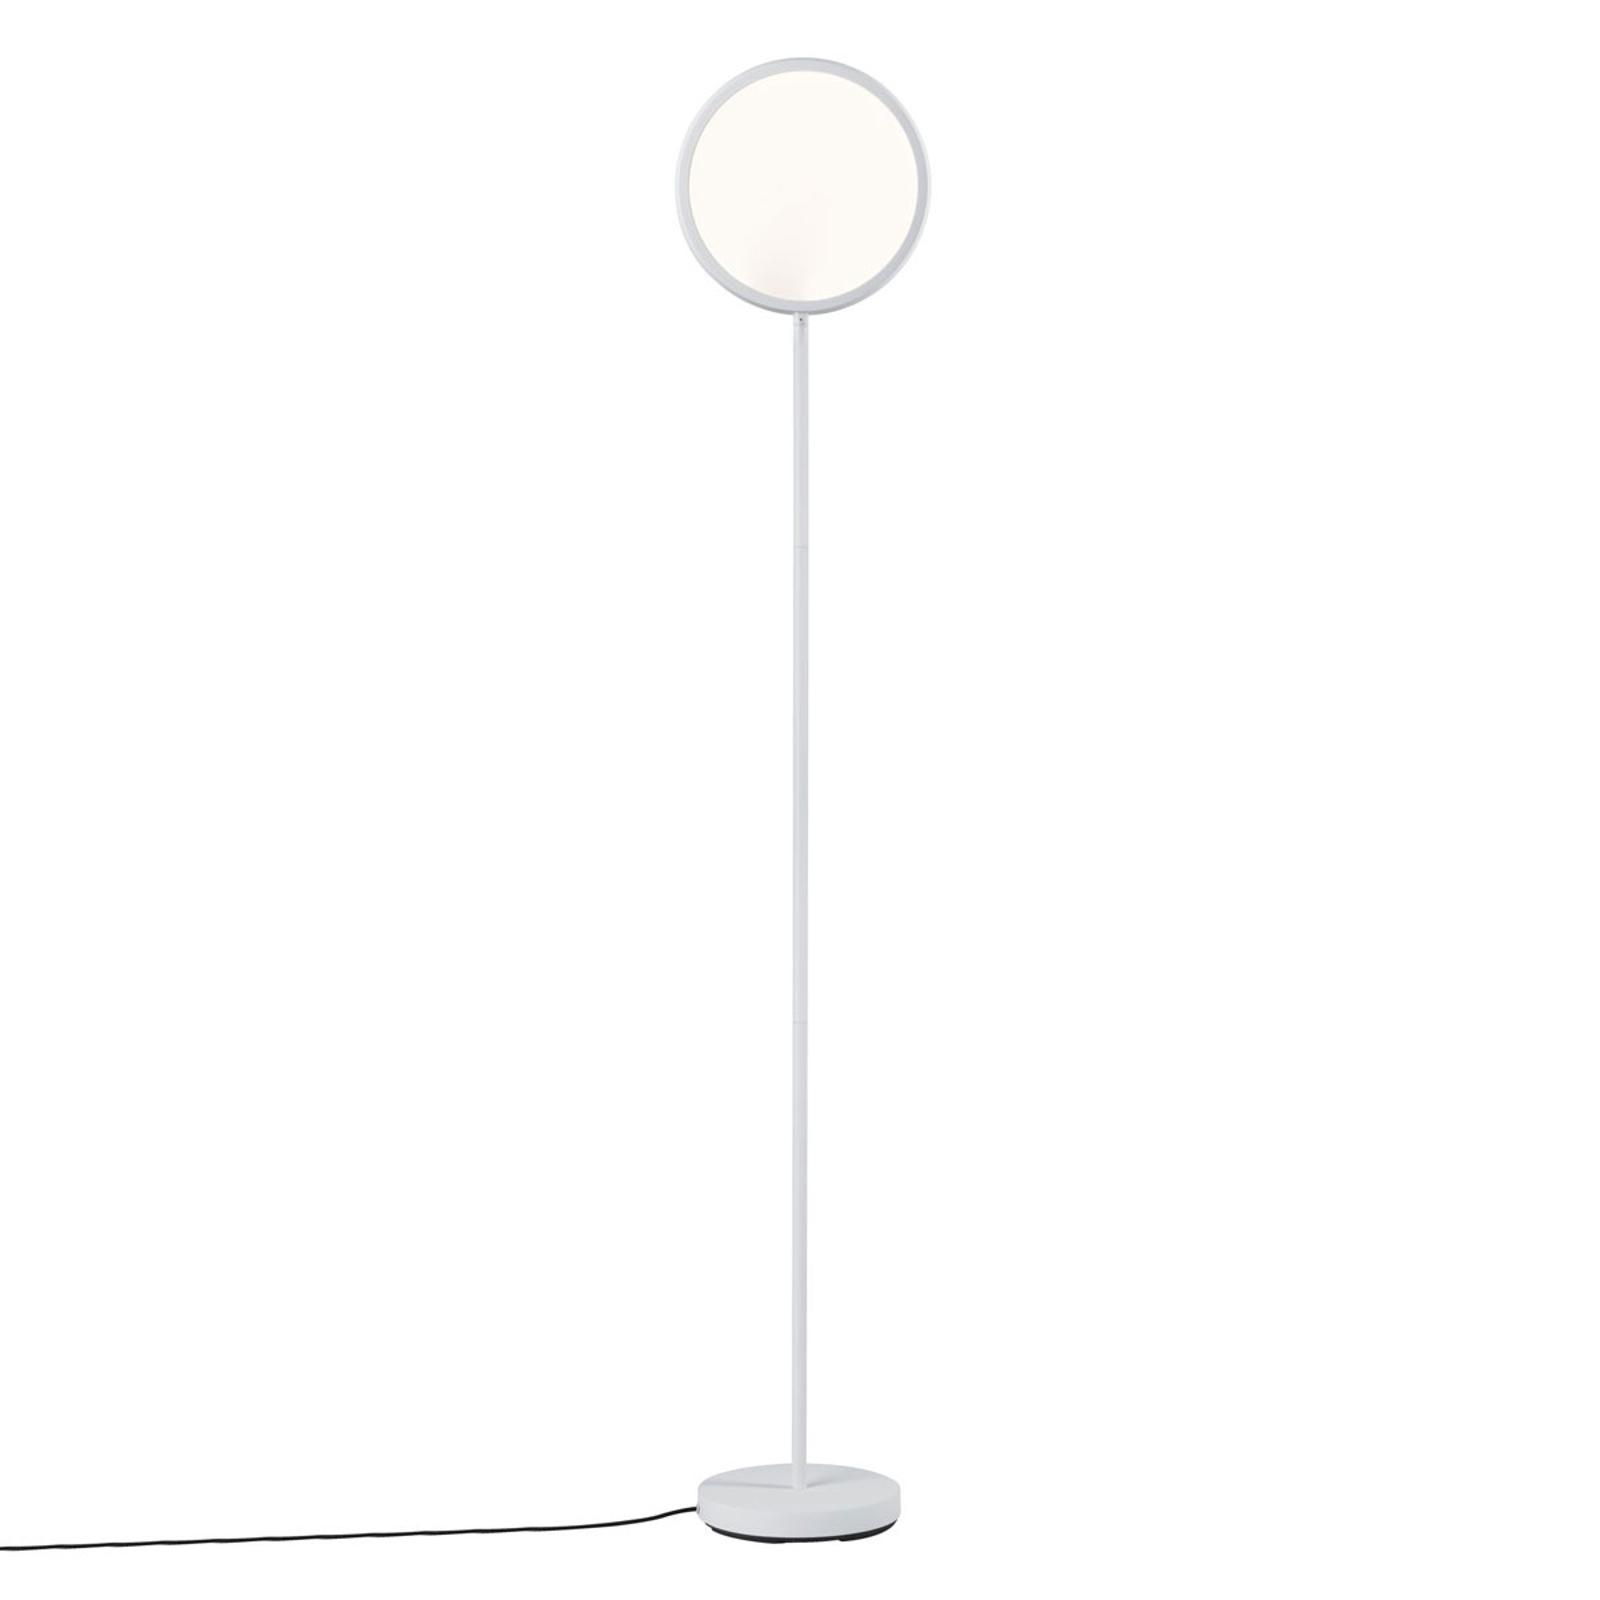 Paulmann Arik lampadaire LED